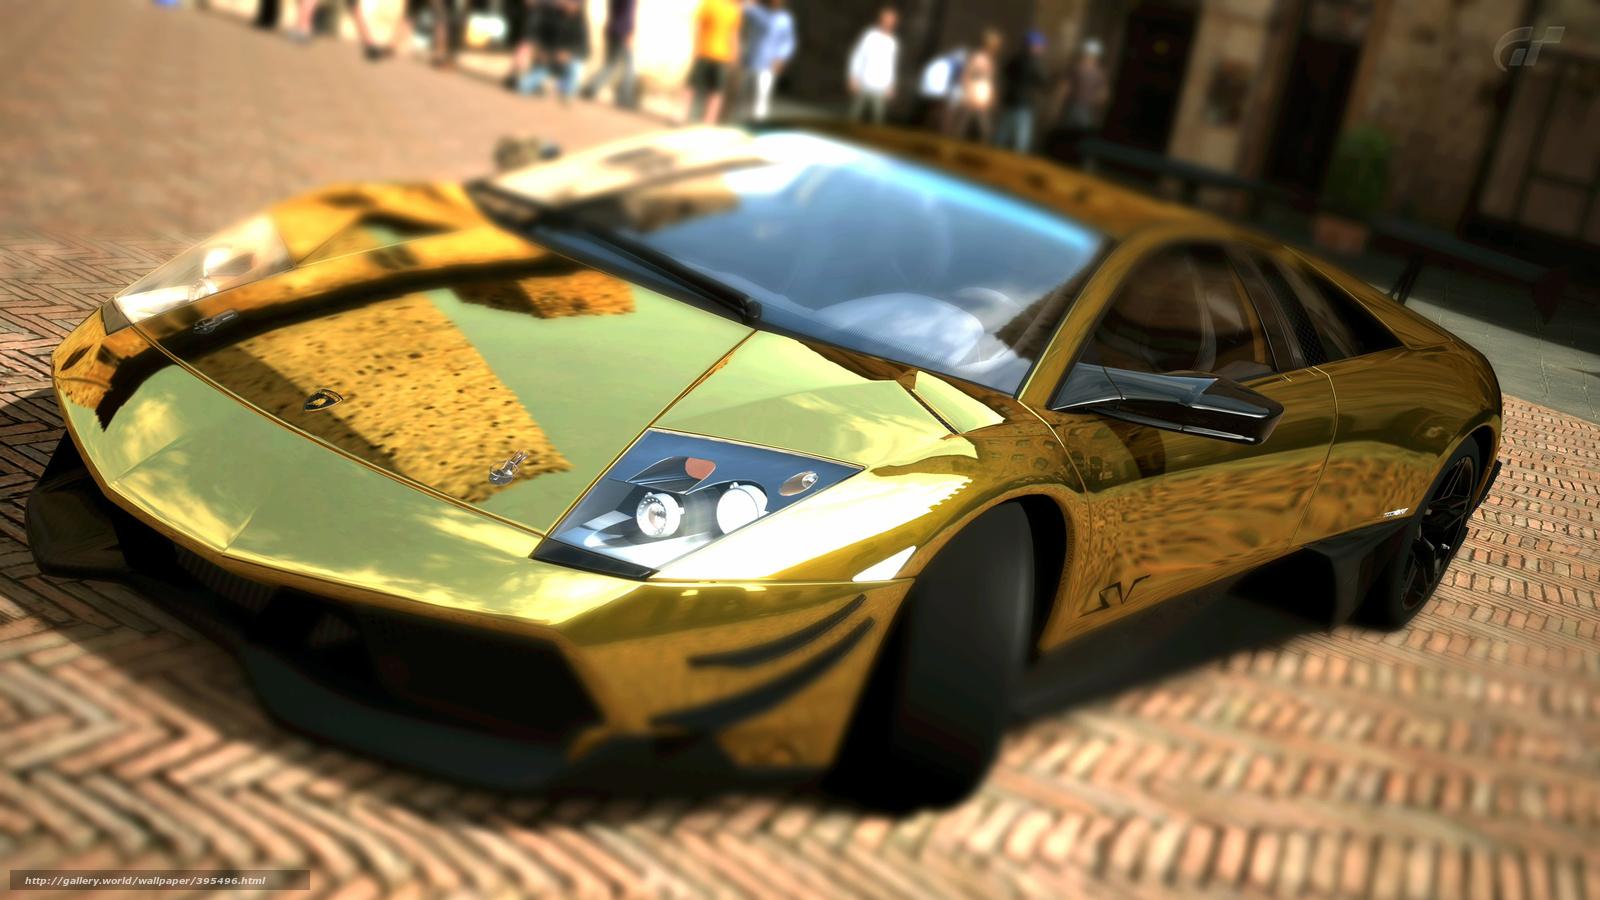 Tlcharger Fond D Ecran Lamborghini Murcielago Lp670 Sv